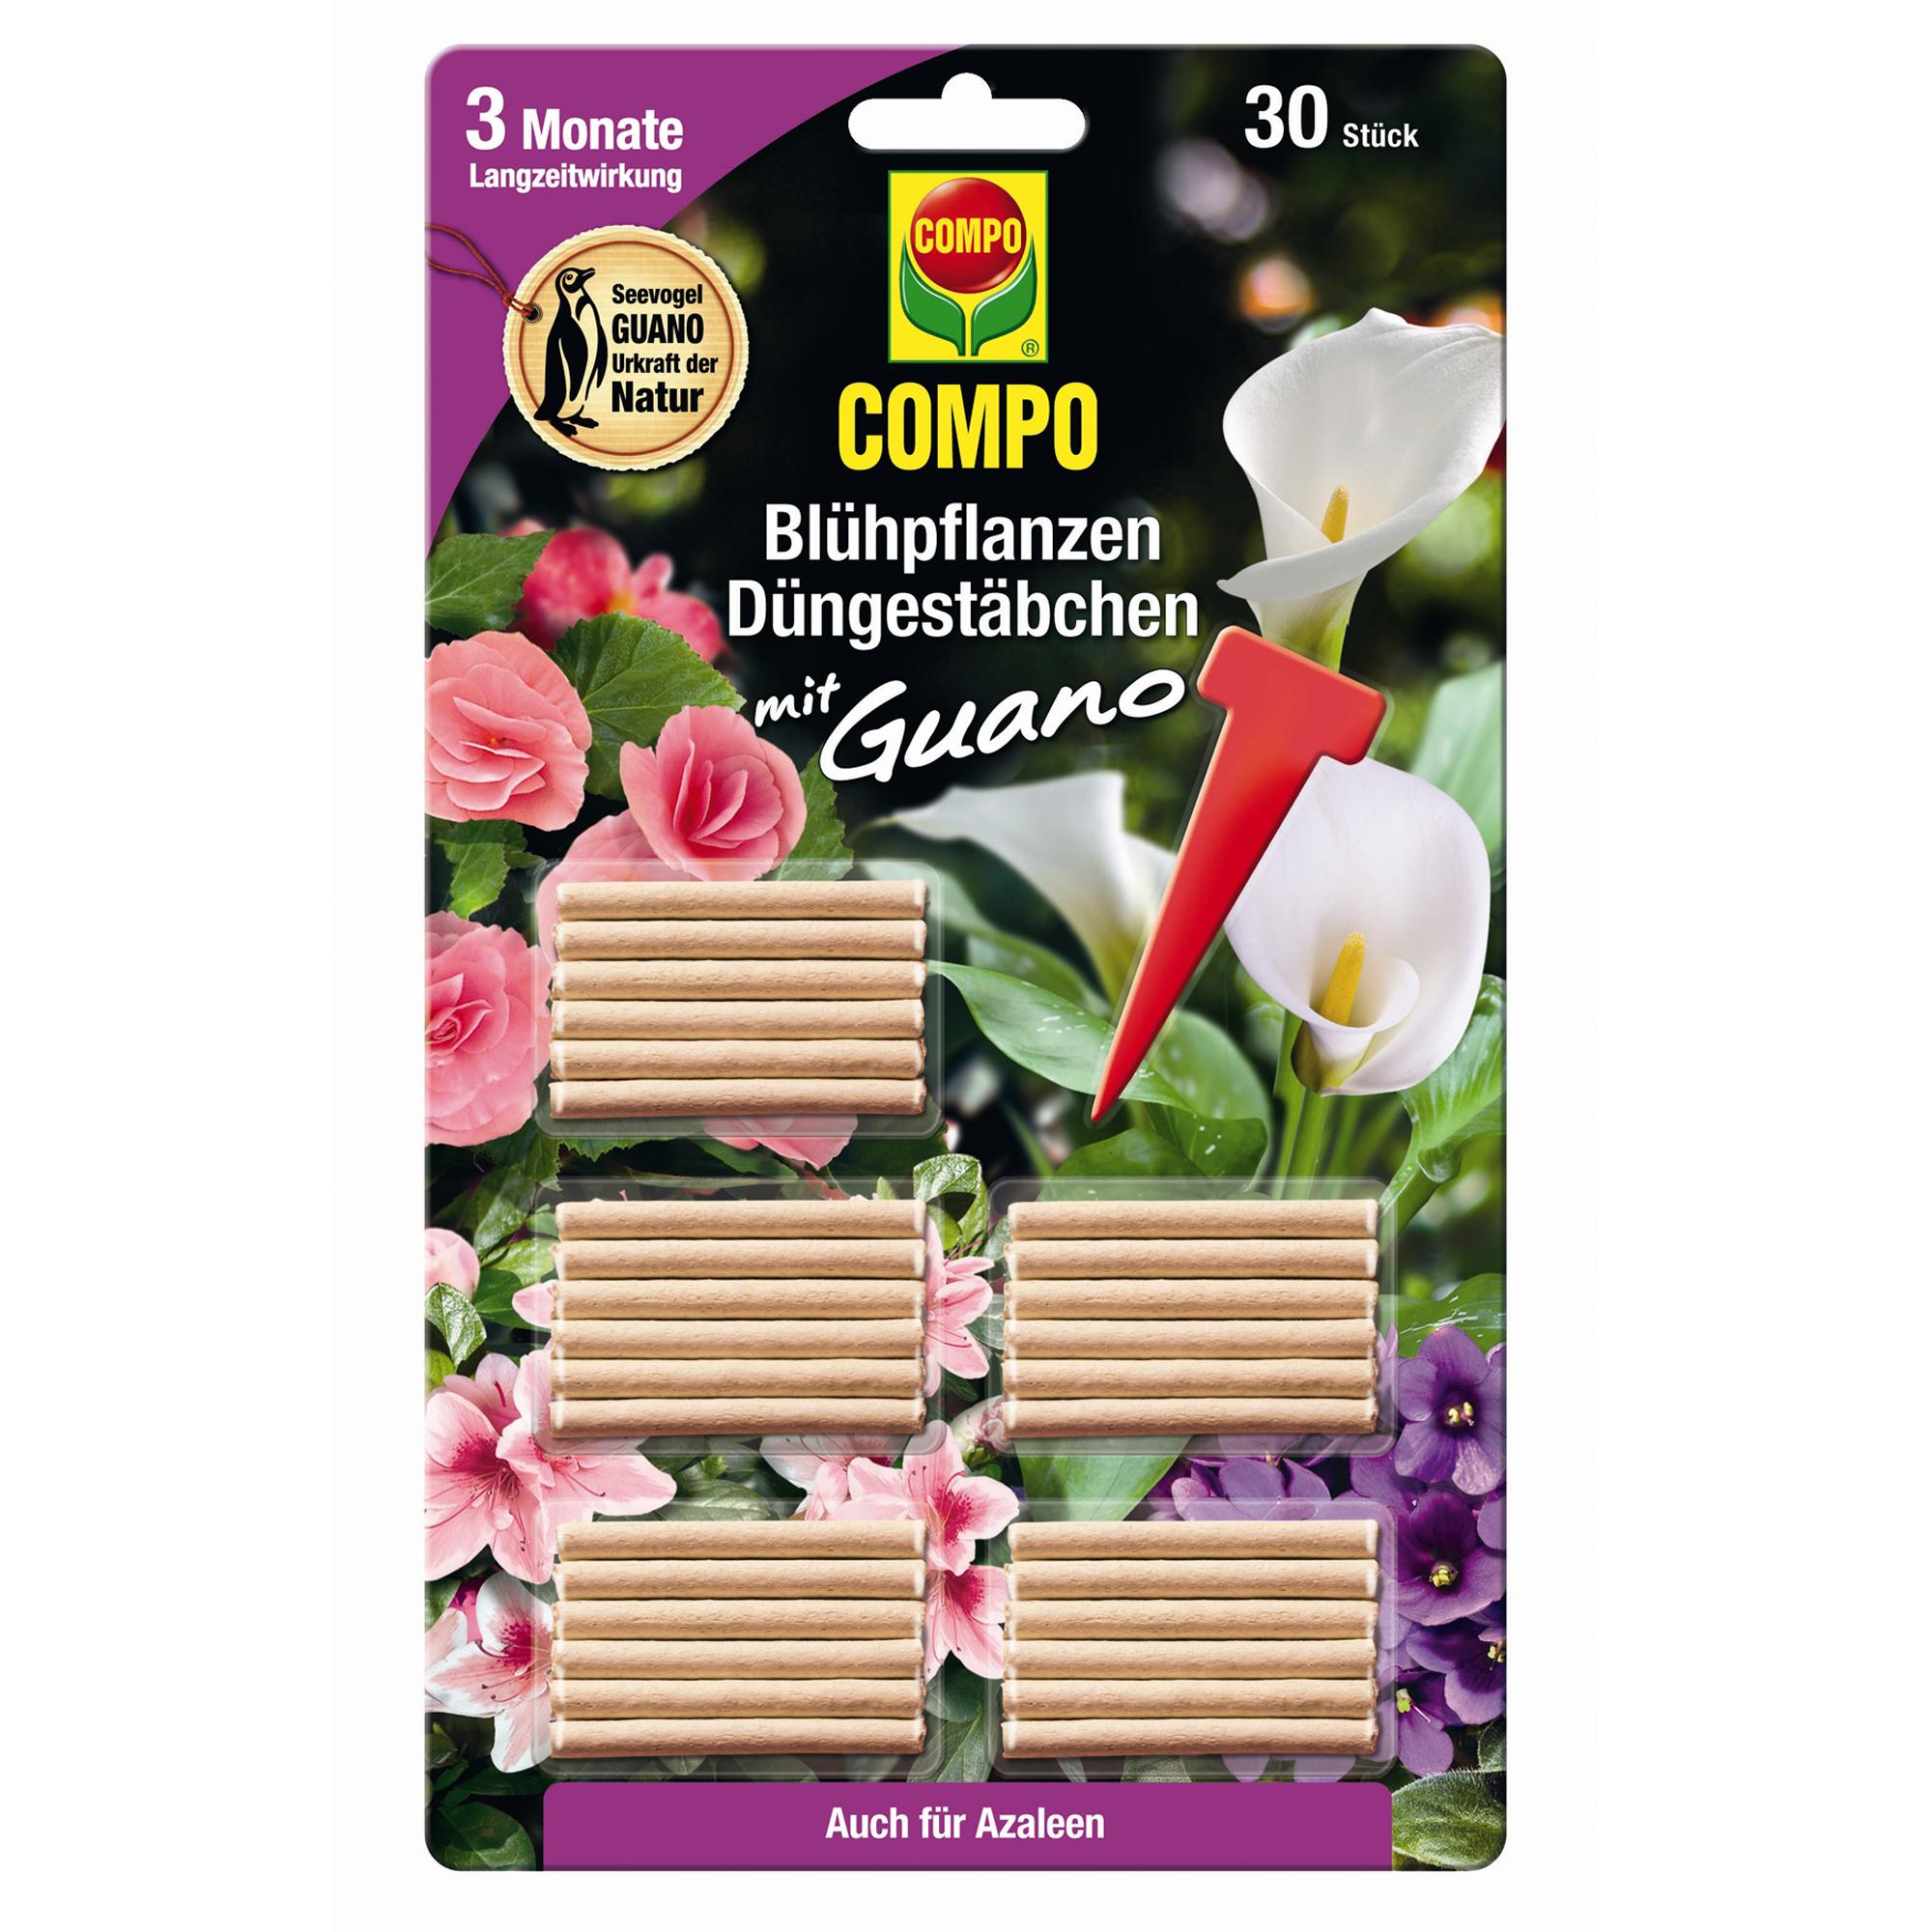 Compo Düngestäbchen für Blühpflanzen 30 Stück